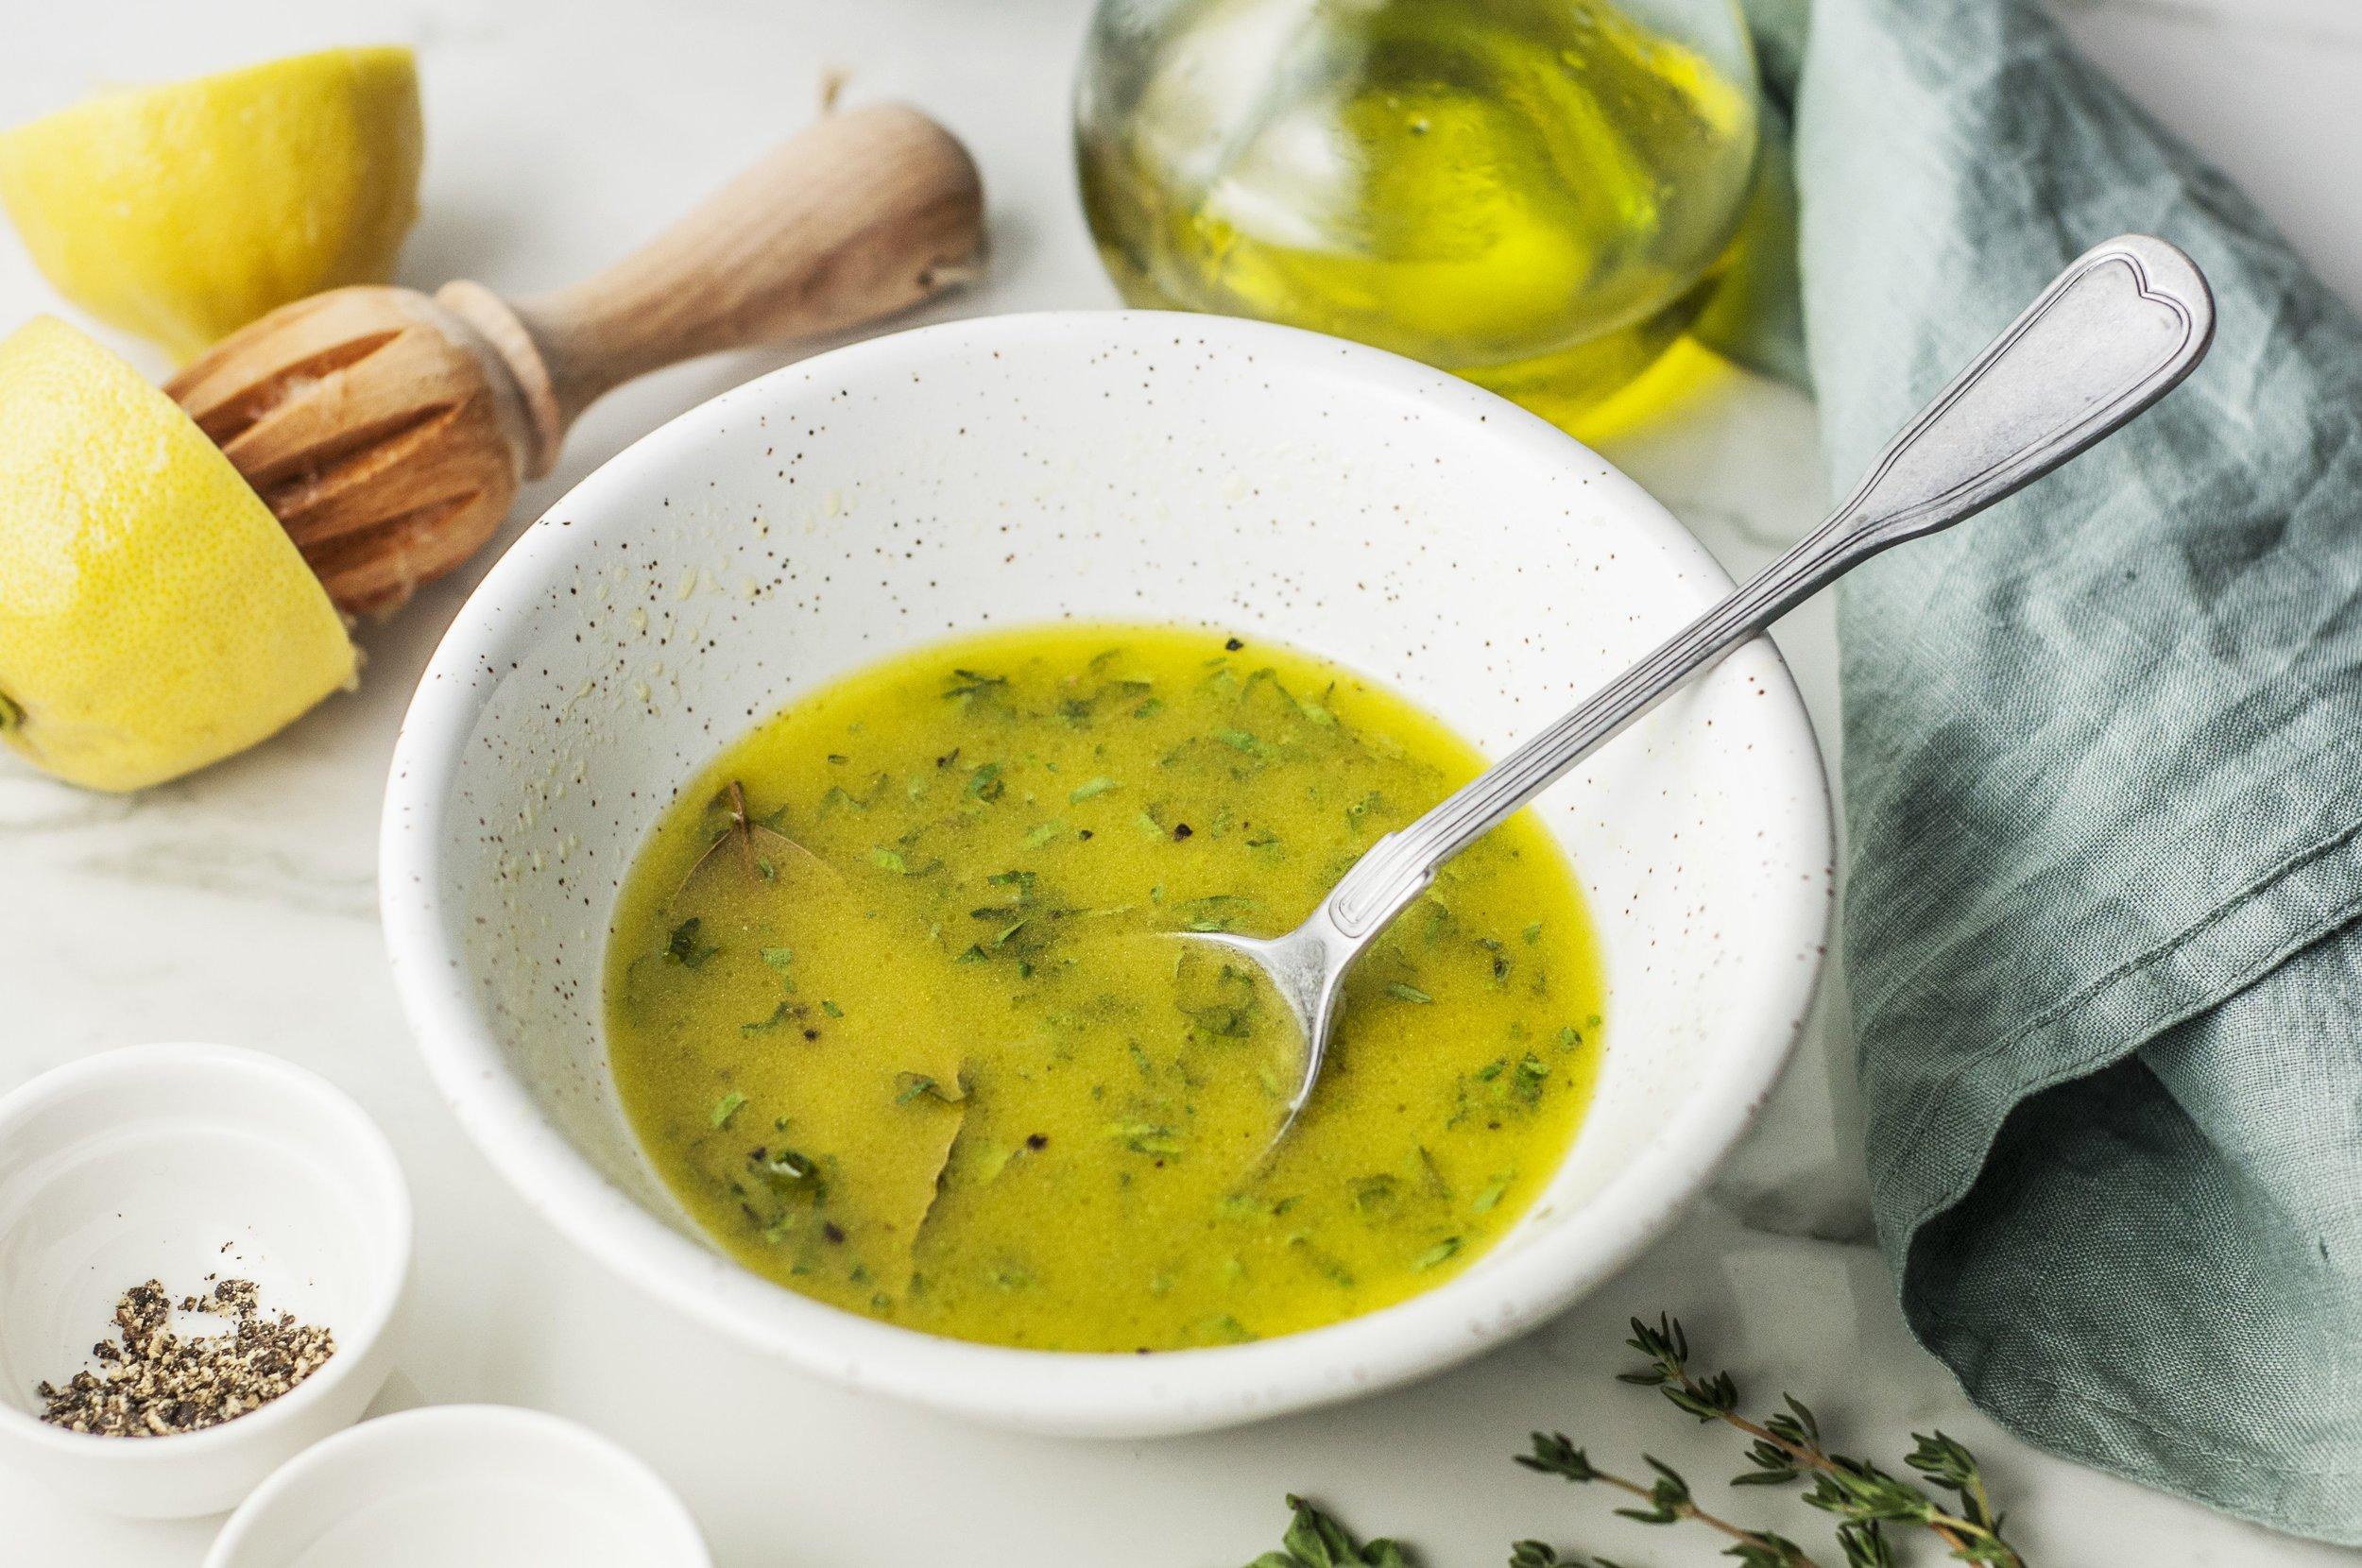 greek-style-lamb-marinade-recipe-335250-Final-5babbd6c46e0fb00255ca8d2.jpg